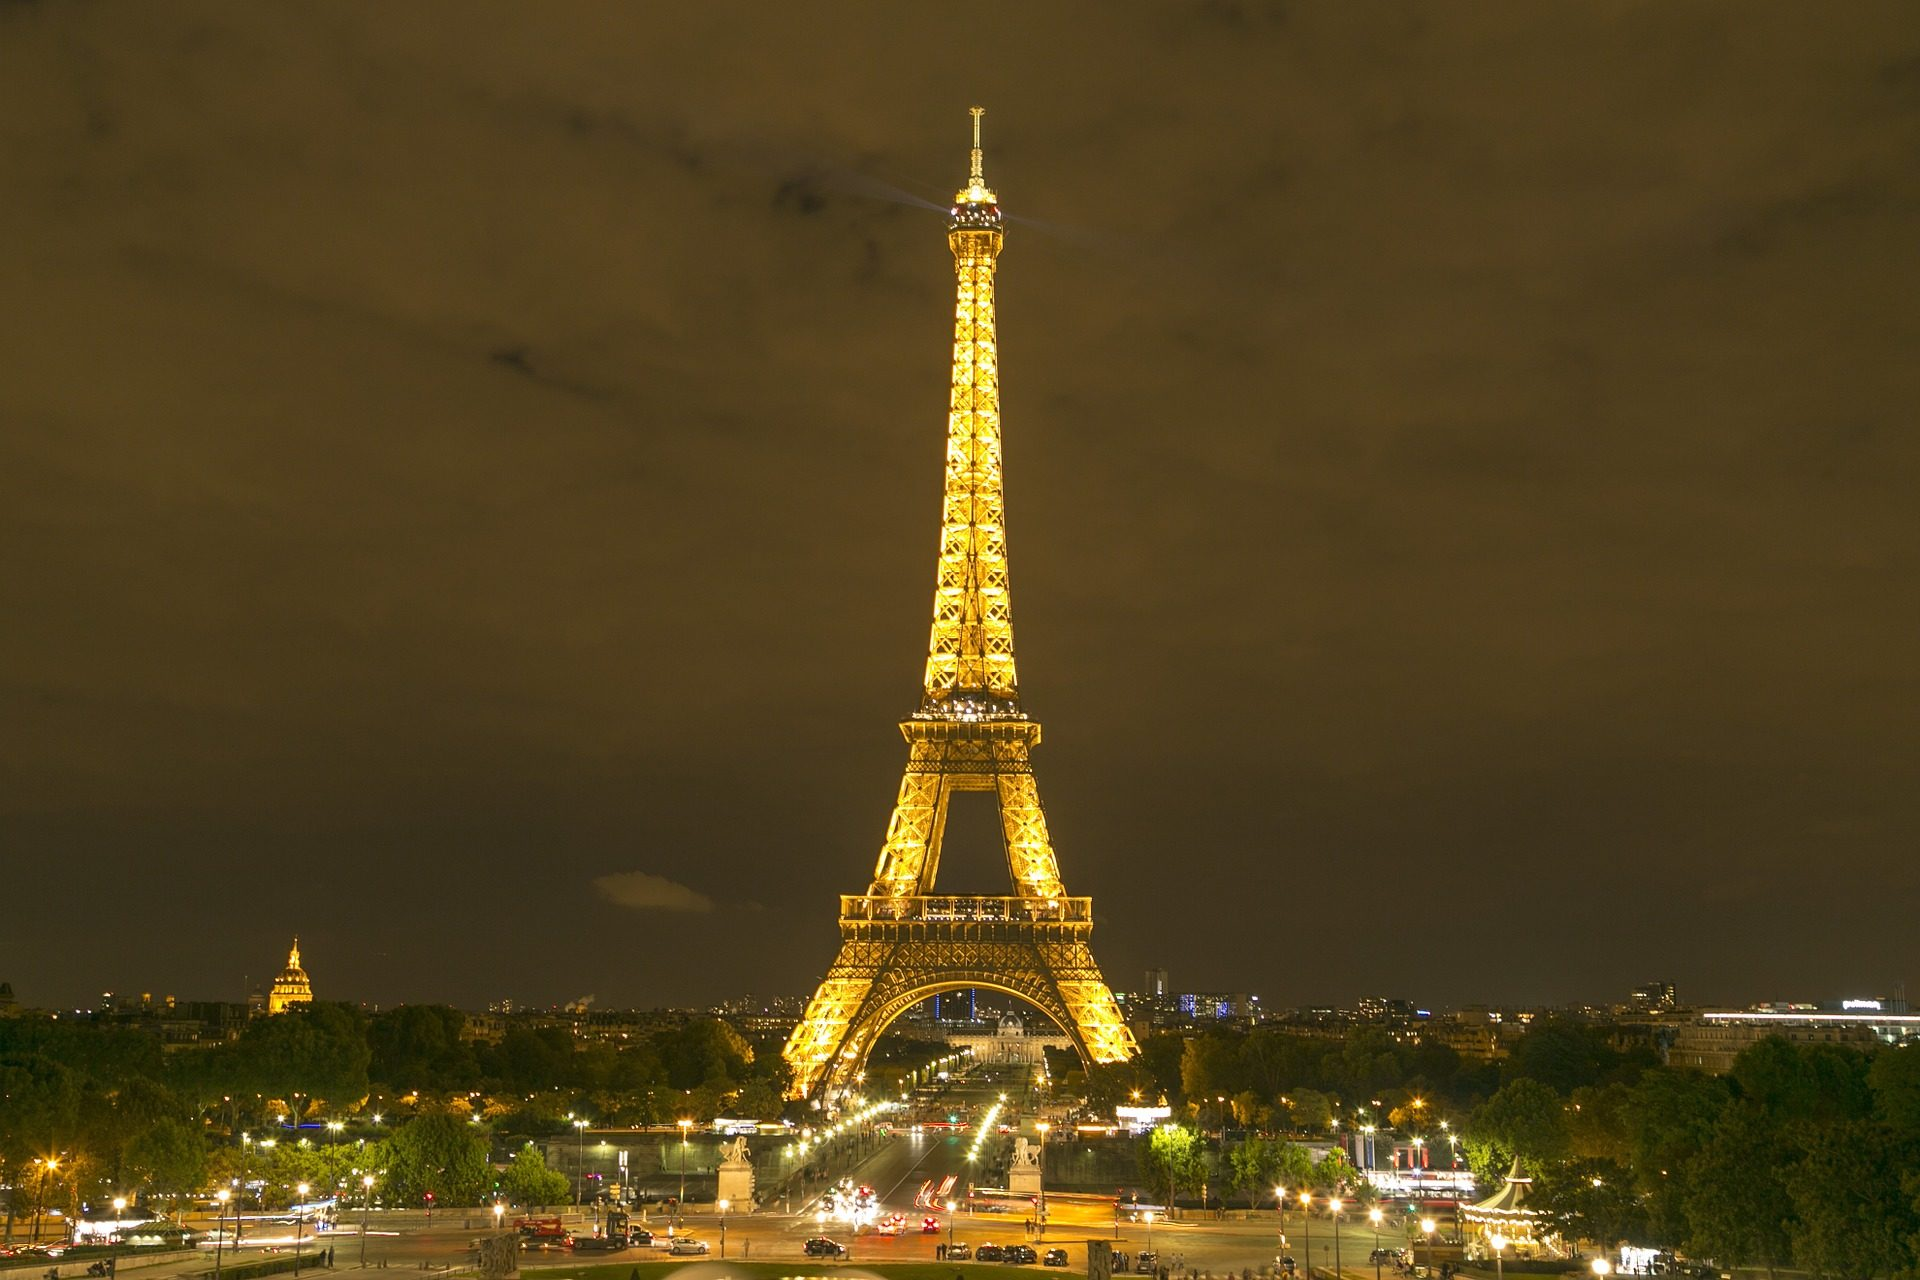 torre, eiffel, ciudad, noche, luces, monumento, parís - Fondos de Pantalla HD - professor-falken.com